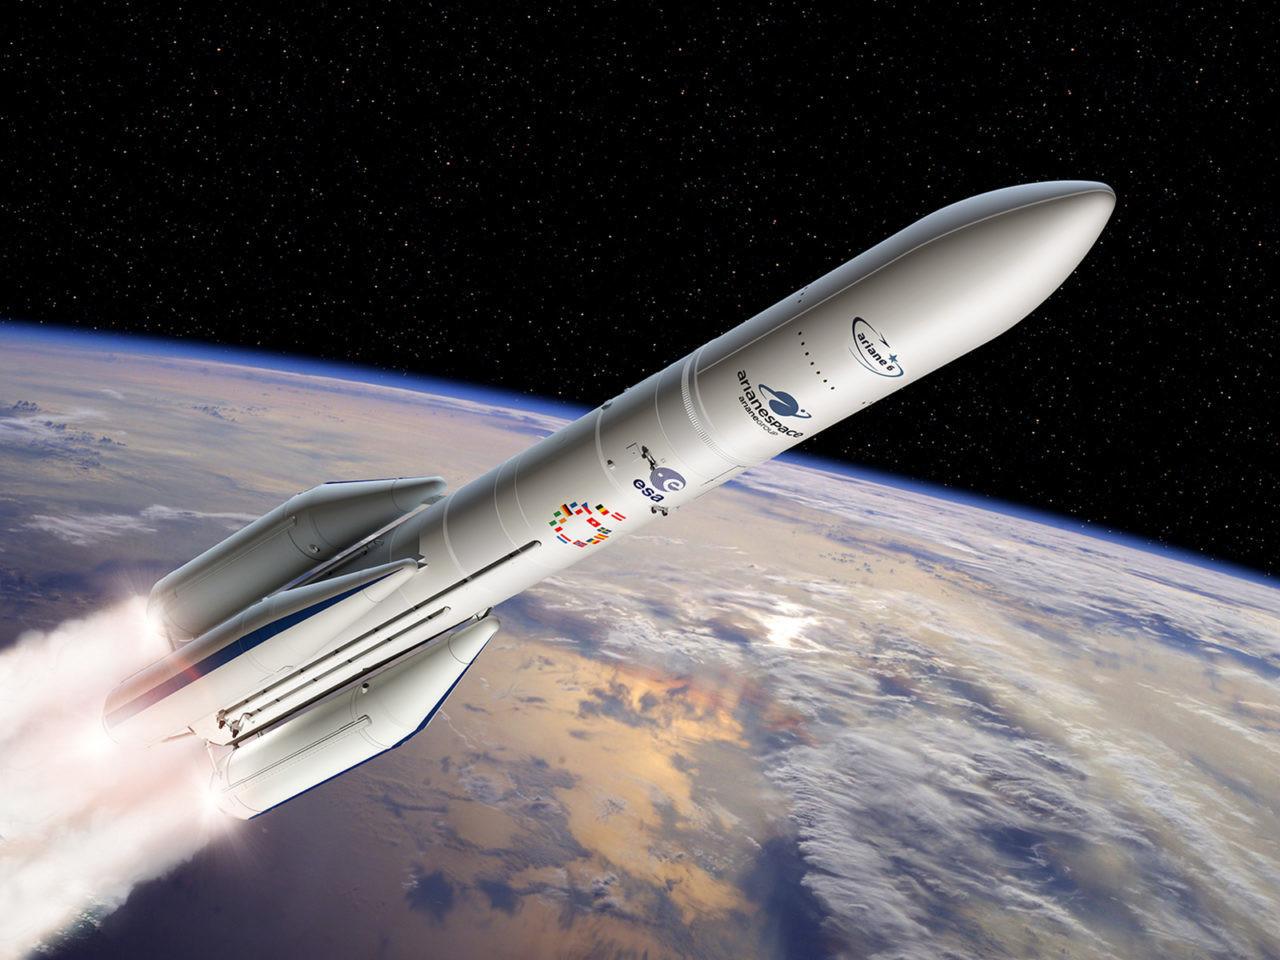 Rendu d'artiste de la fusée Ariane 6.